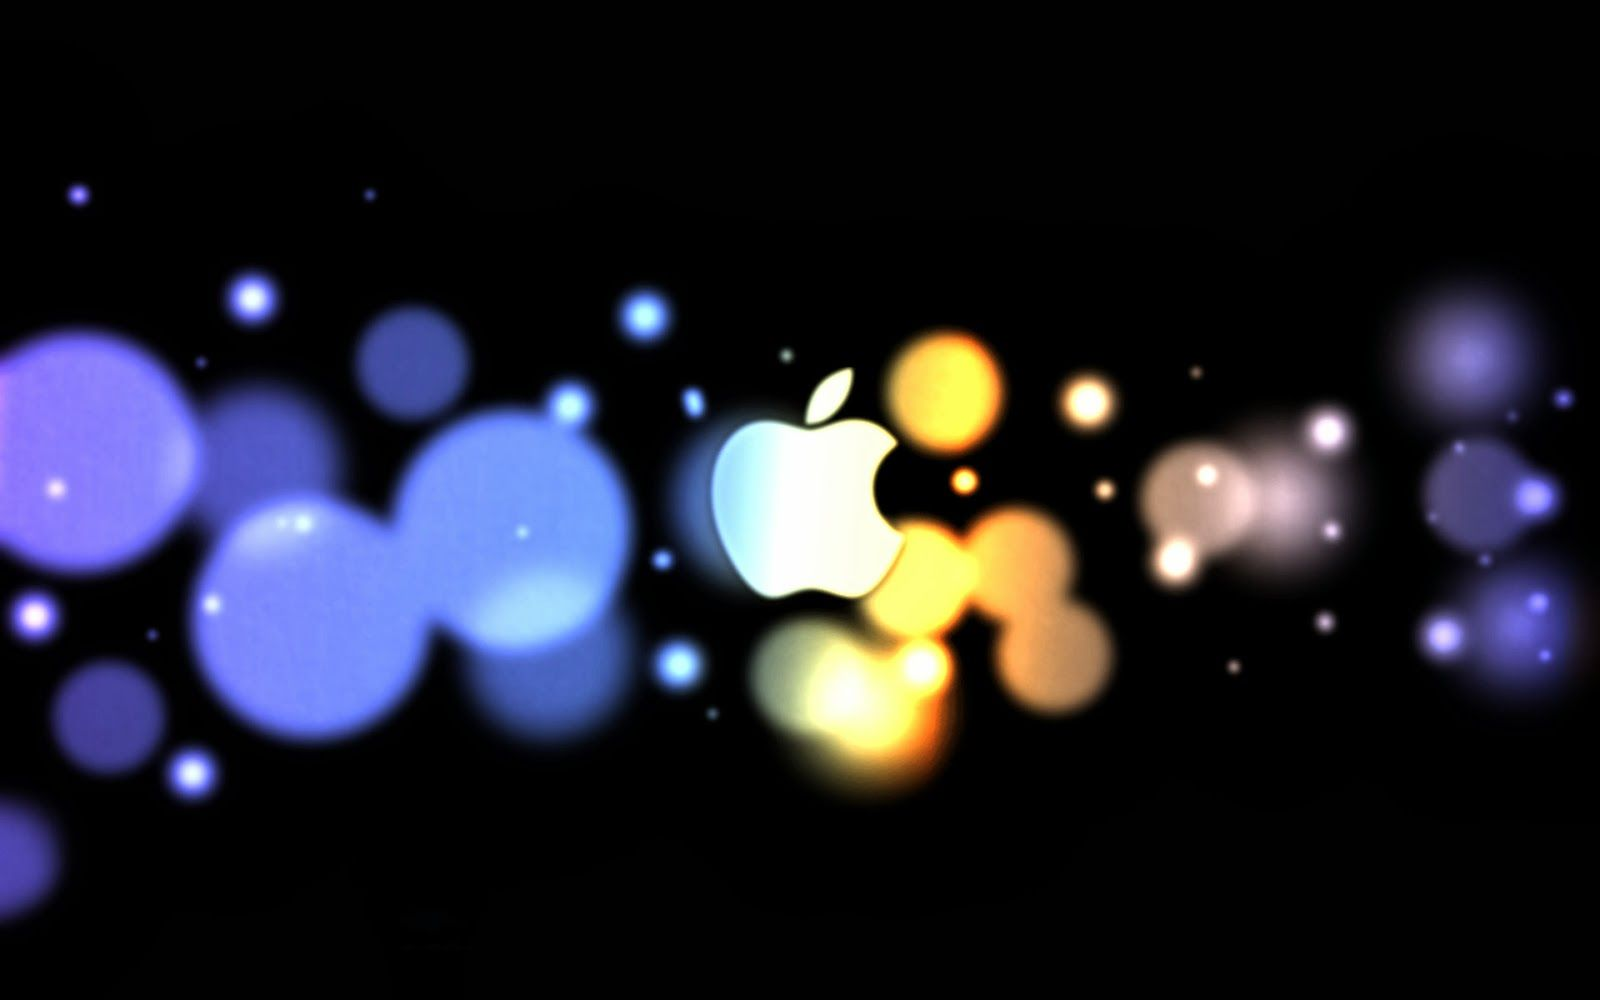 مجموعة كبيرة من صور خلفيات عالية الدقة لأجهزة الكمبيوتر Hd مدونة مداد الجليد Free Animated Wallpaper Moving Wallpapers Animated Desktop Backgrounds